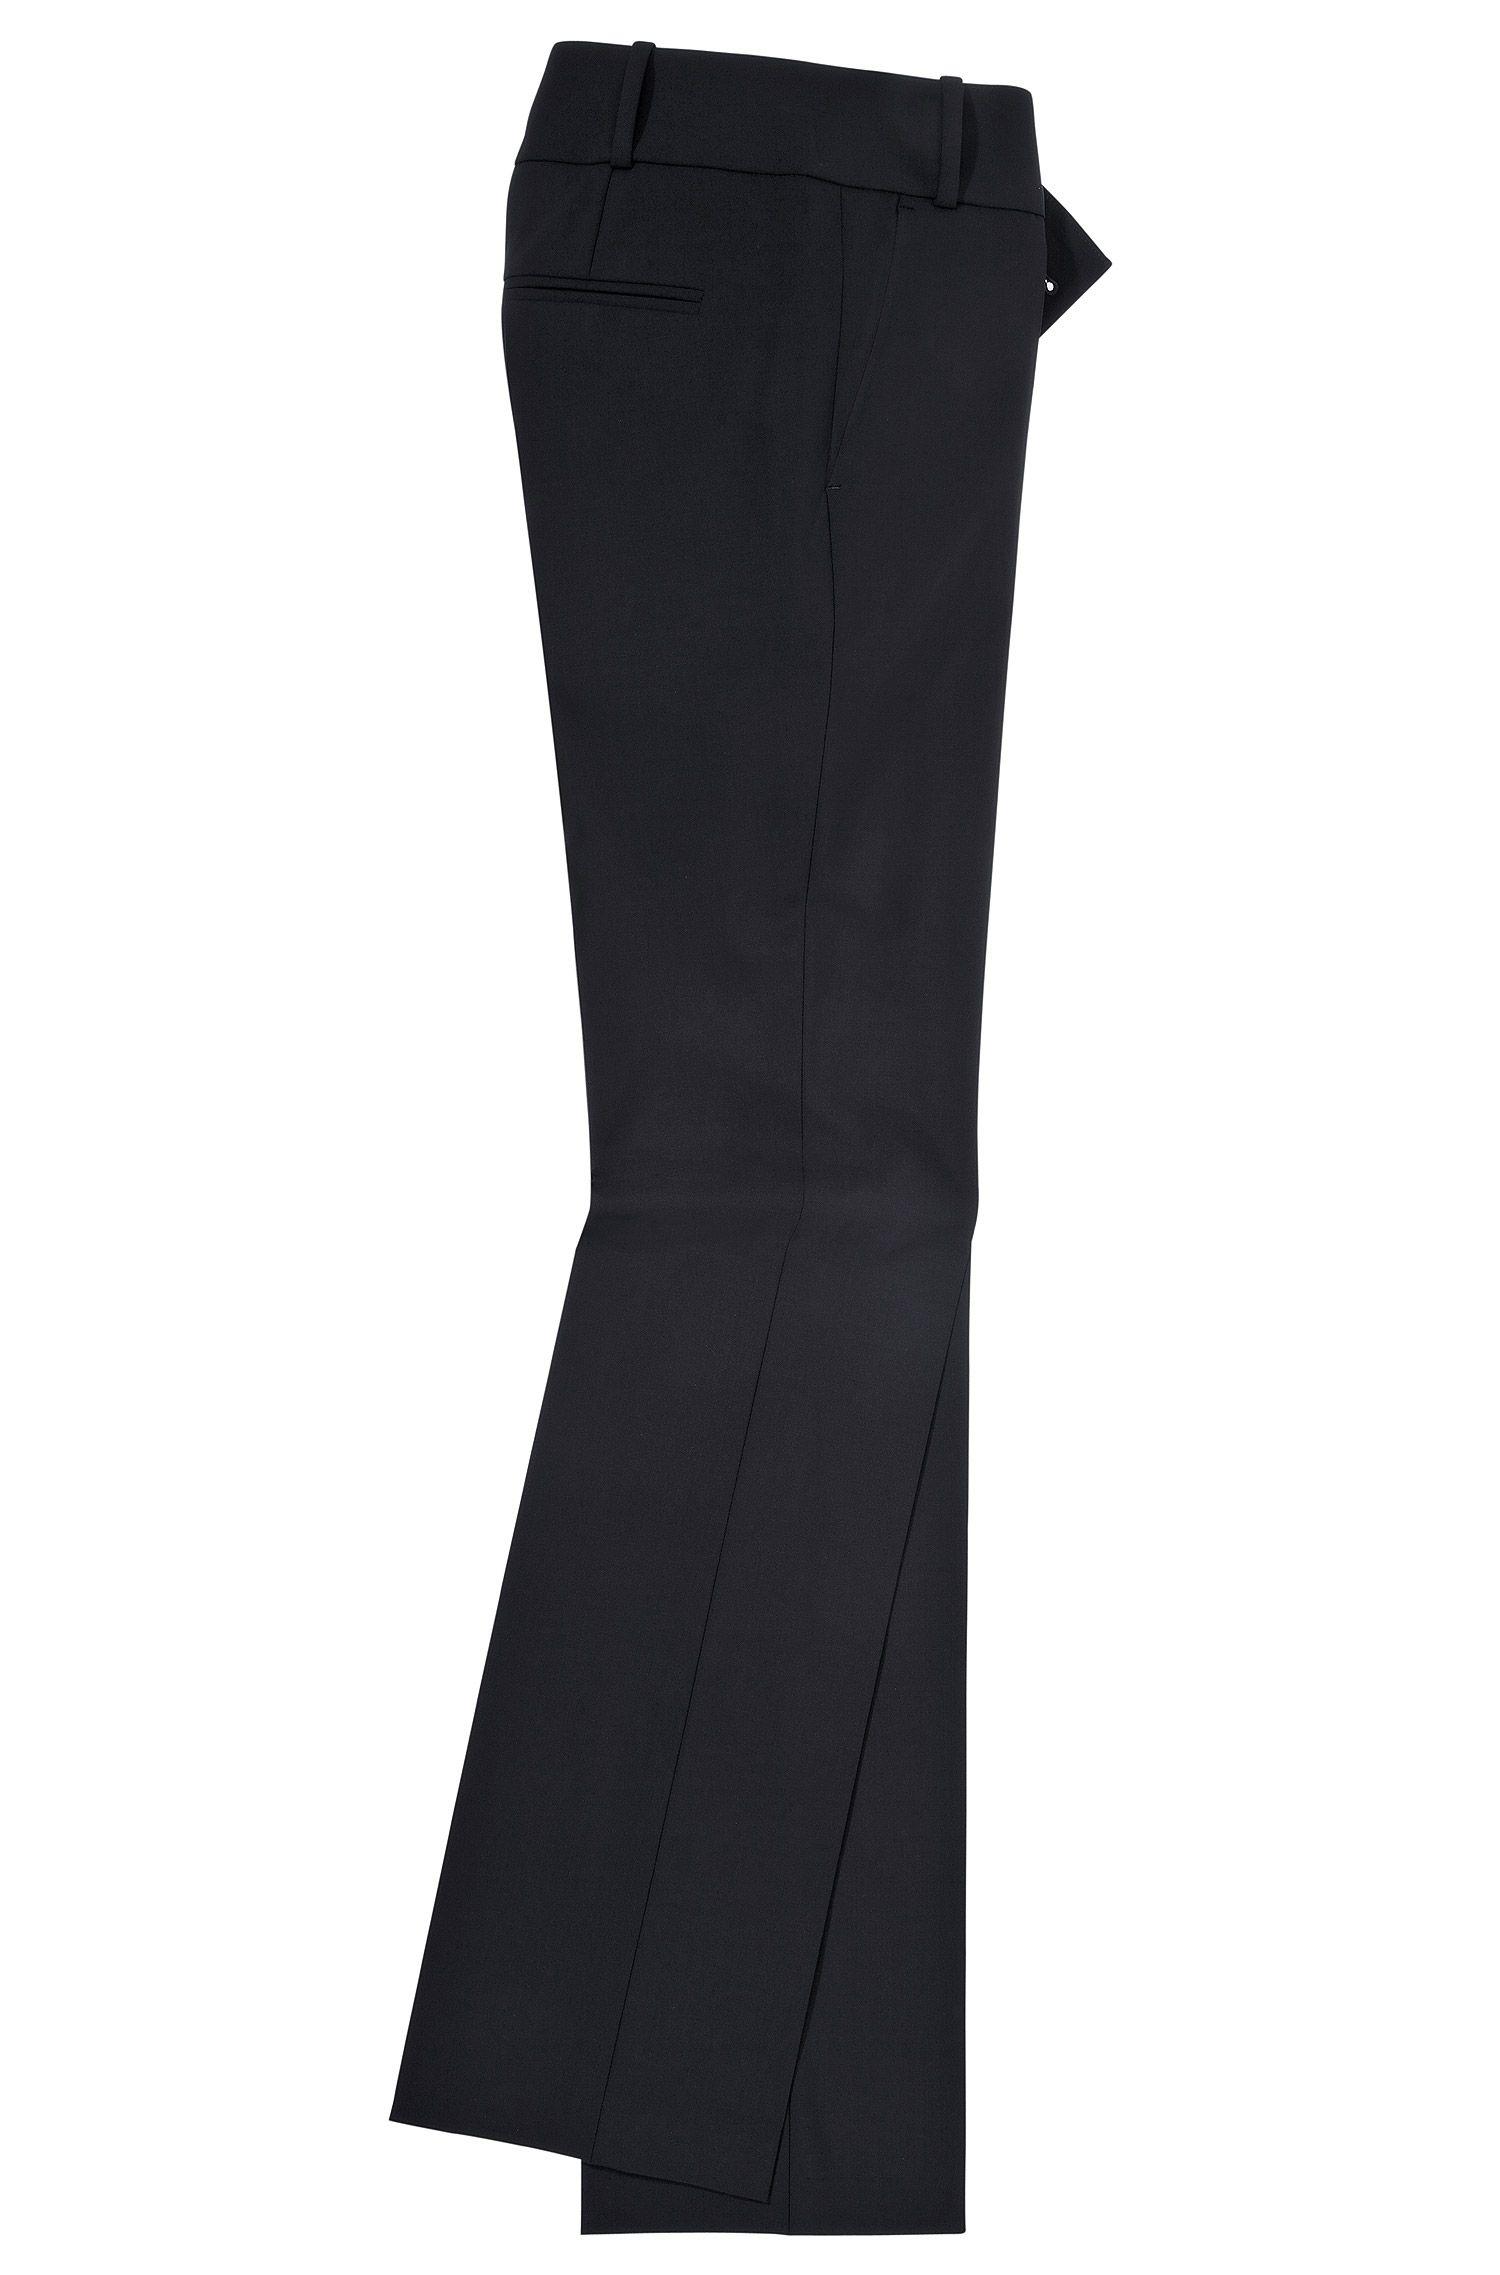 Slim-Fit Hose ´Taru5` aus einer Schurwollkomposition